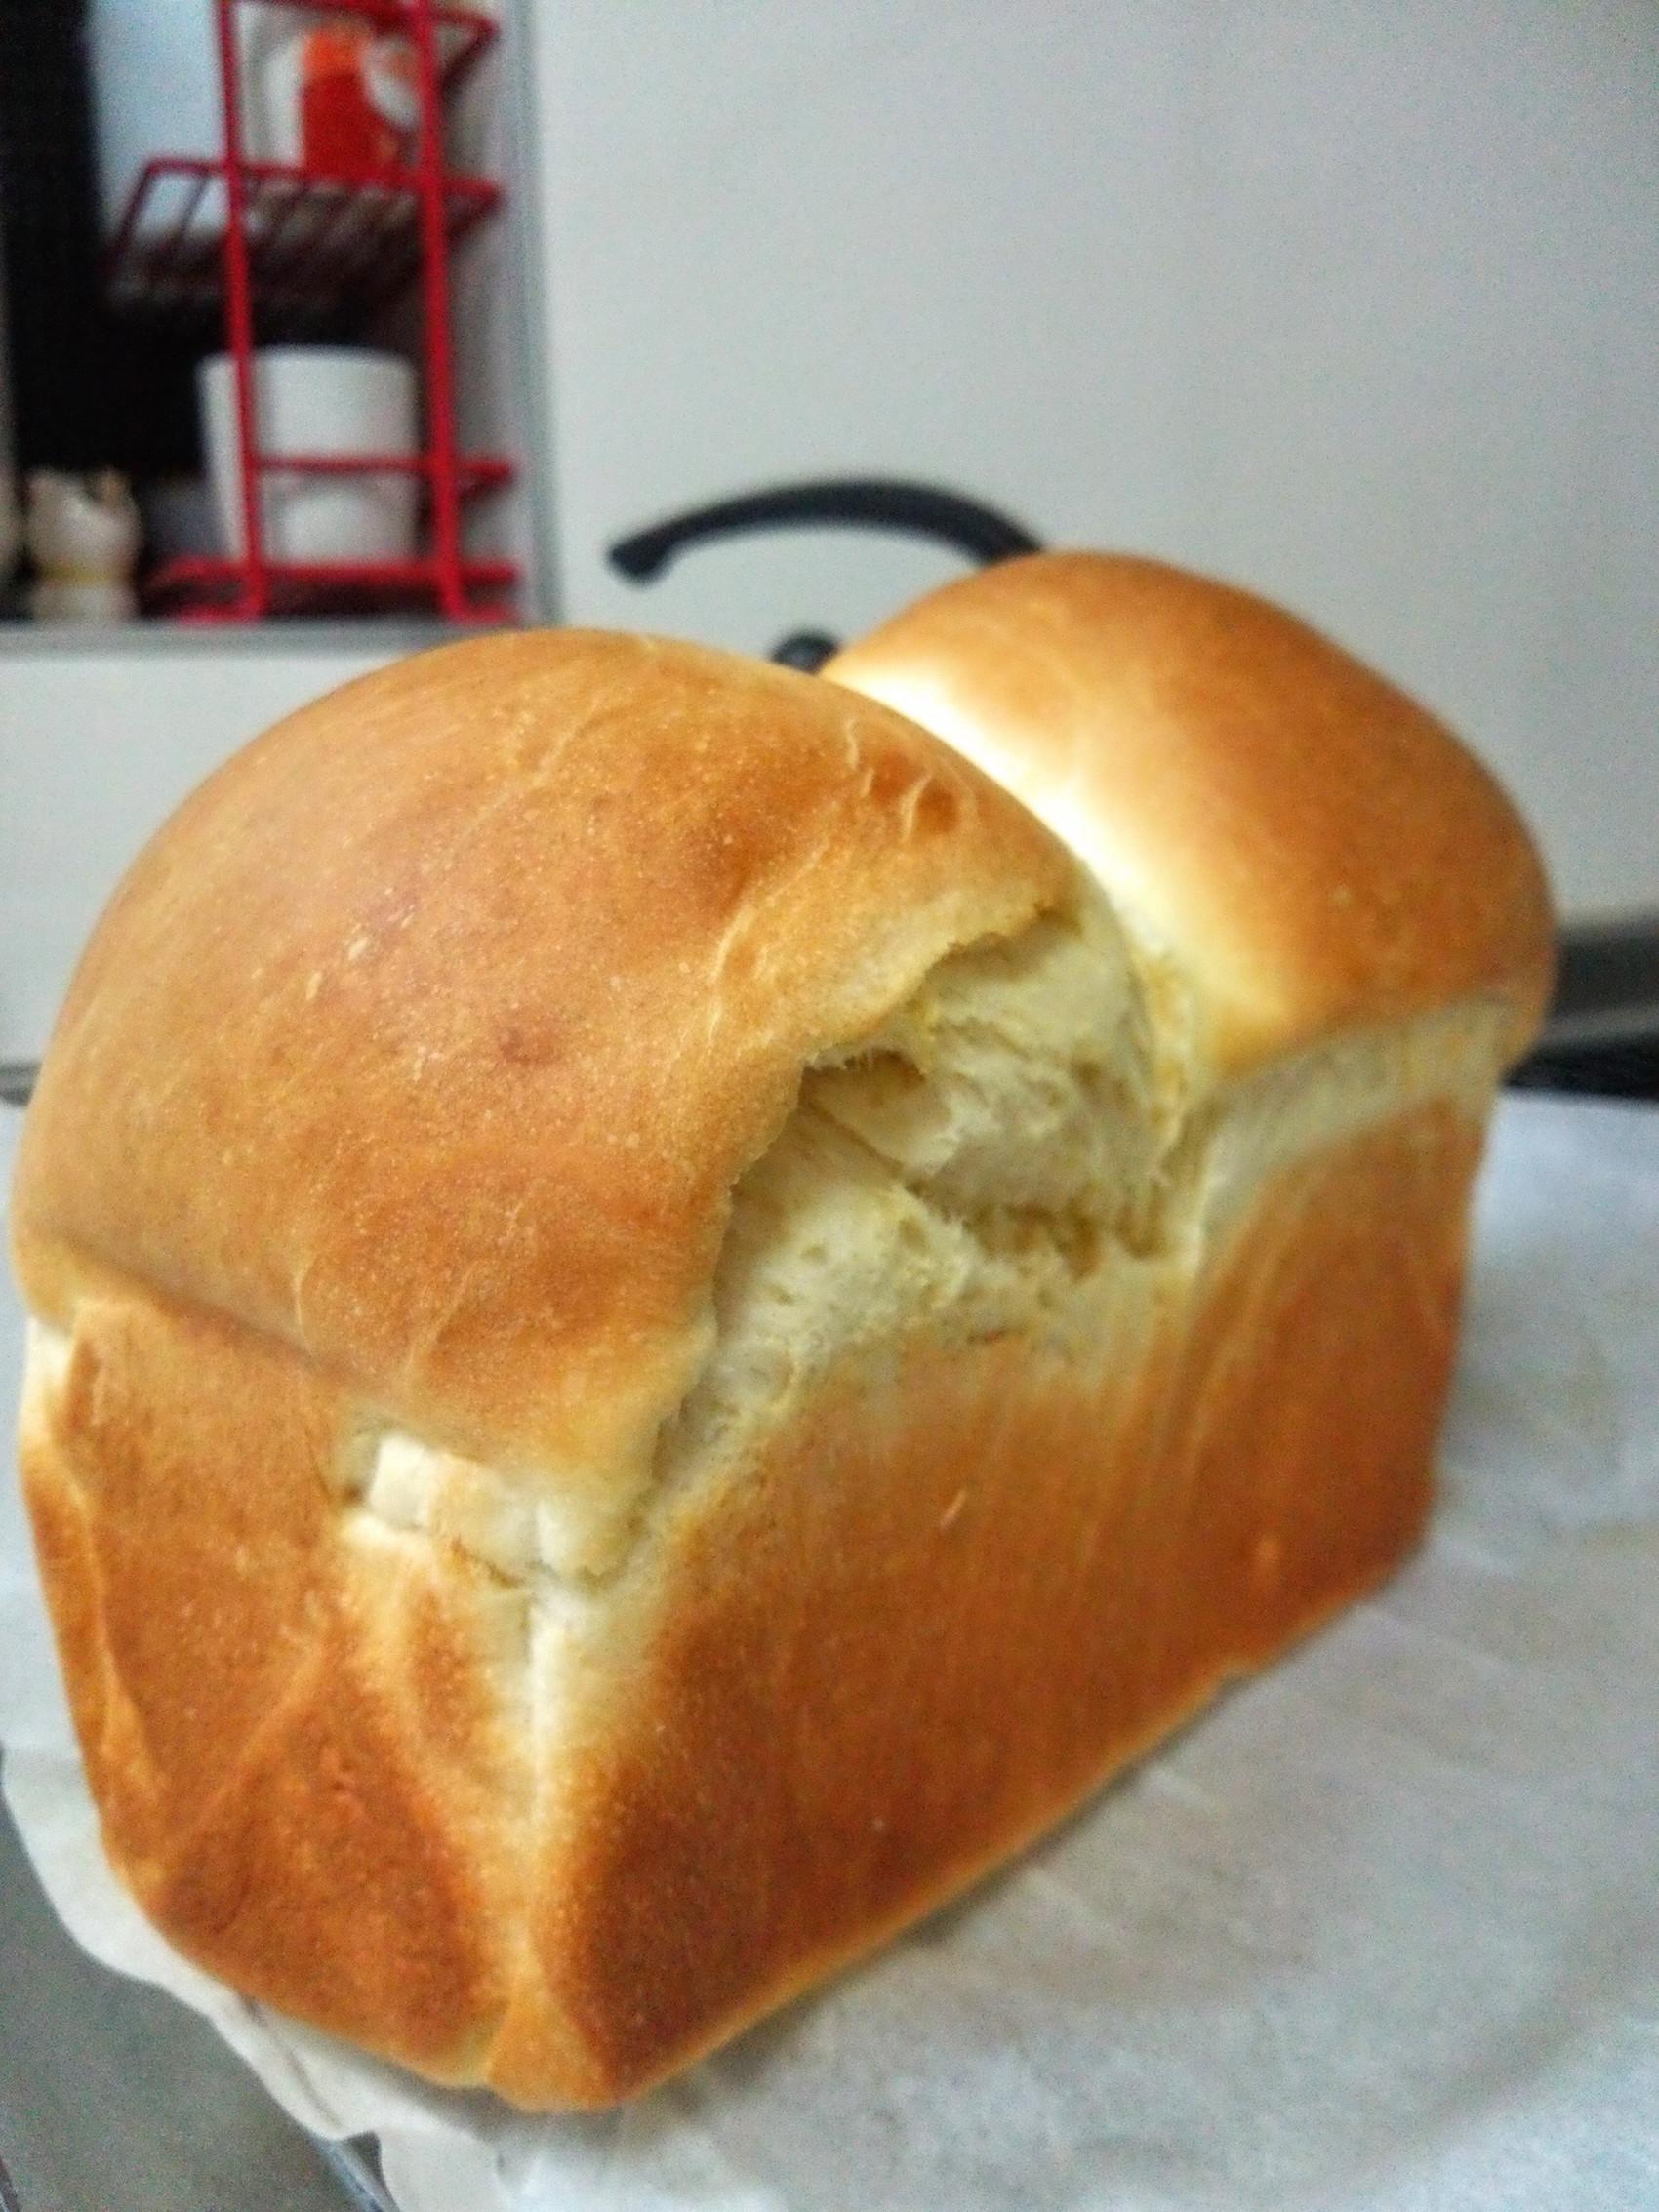 40代のママさん。朝ごはんどんなもの食べていますか?パン、それともごはん・・・。